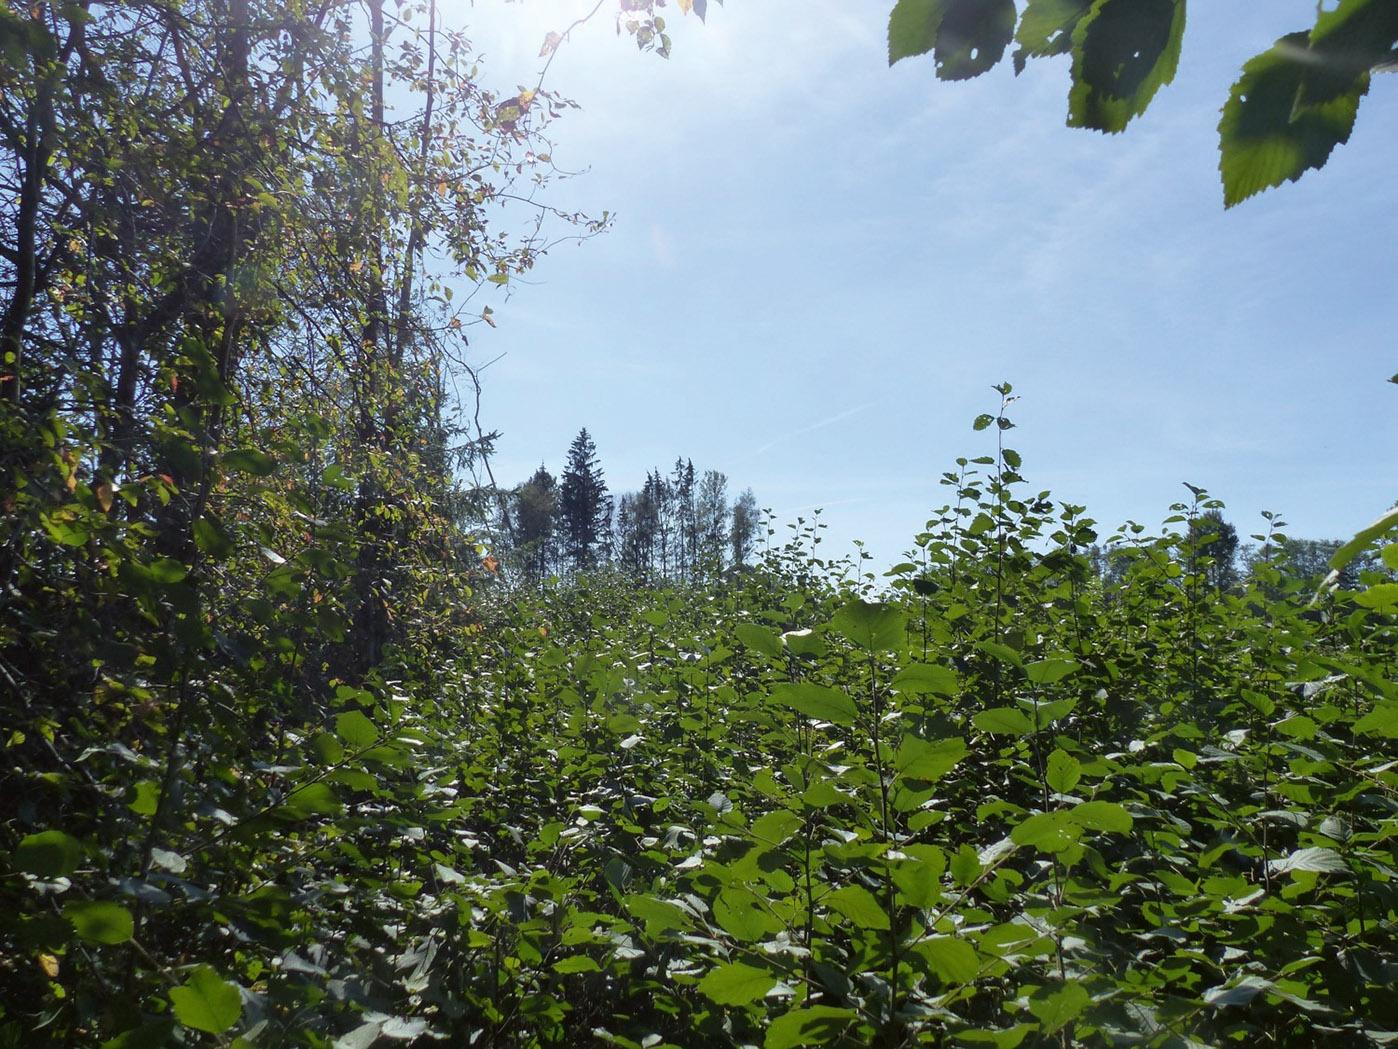 7. attēls. Ligzda atrasta jau ciršanai sagatavotā mežā, un ligzdas koks nebija izzīmēts kā atstājams. VMDinformēja, ka izsniegts ciršanas apliecinājums, un šī iemesla dēļ mikrolieguma pieteikums nav iesniegts. Pēc VMD iejaukšanās ap ligzdu izzīmēta atstājamo koku grupa. 31.08.2019. konstatēts, ka ligzdas nogabals ir nozāģēts un ligzda nav apdzīvota (ligzdas koks atrodas koku grupā, kas redzama attēla centrālajā daļā). | Foto: Imants Jakovļevs